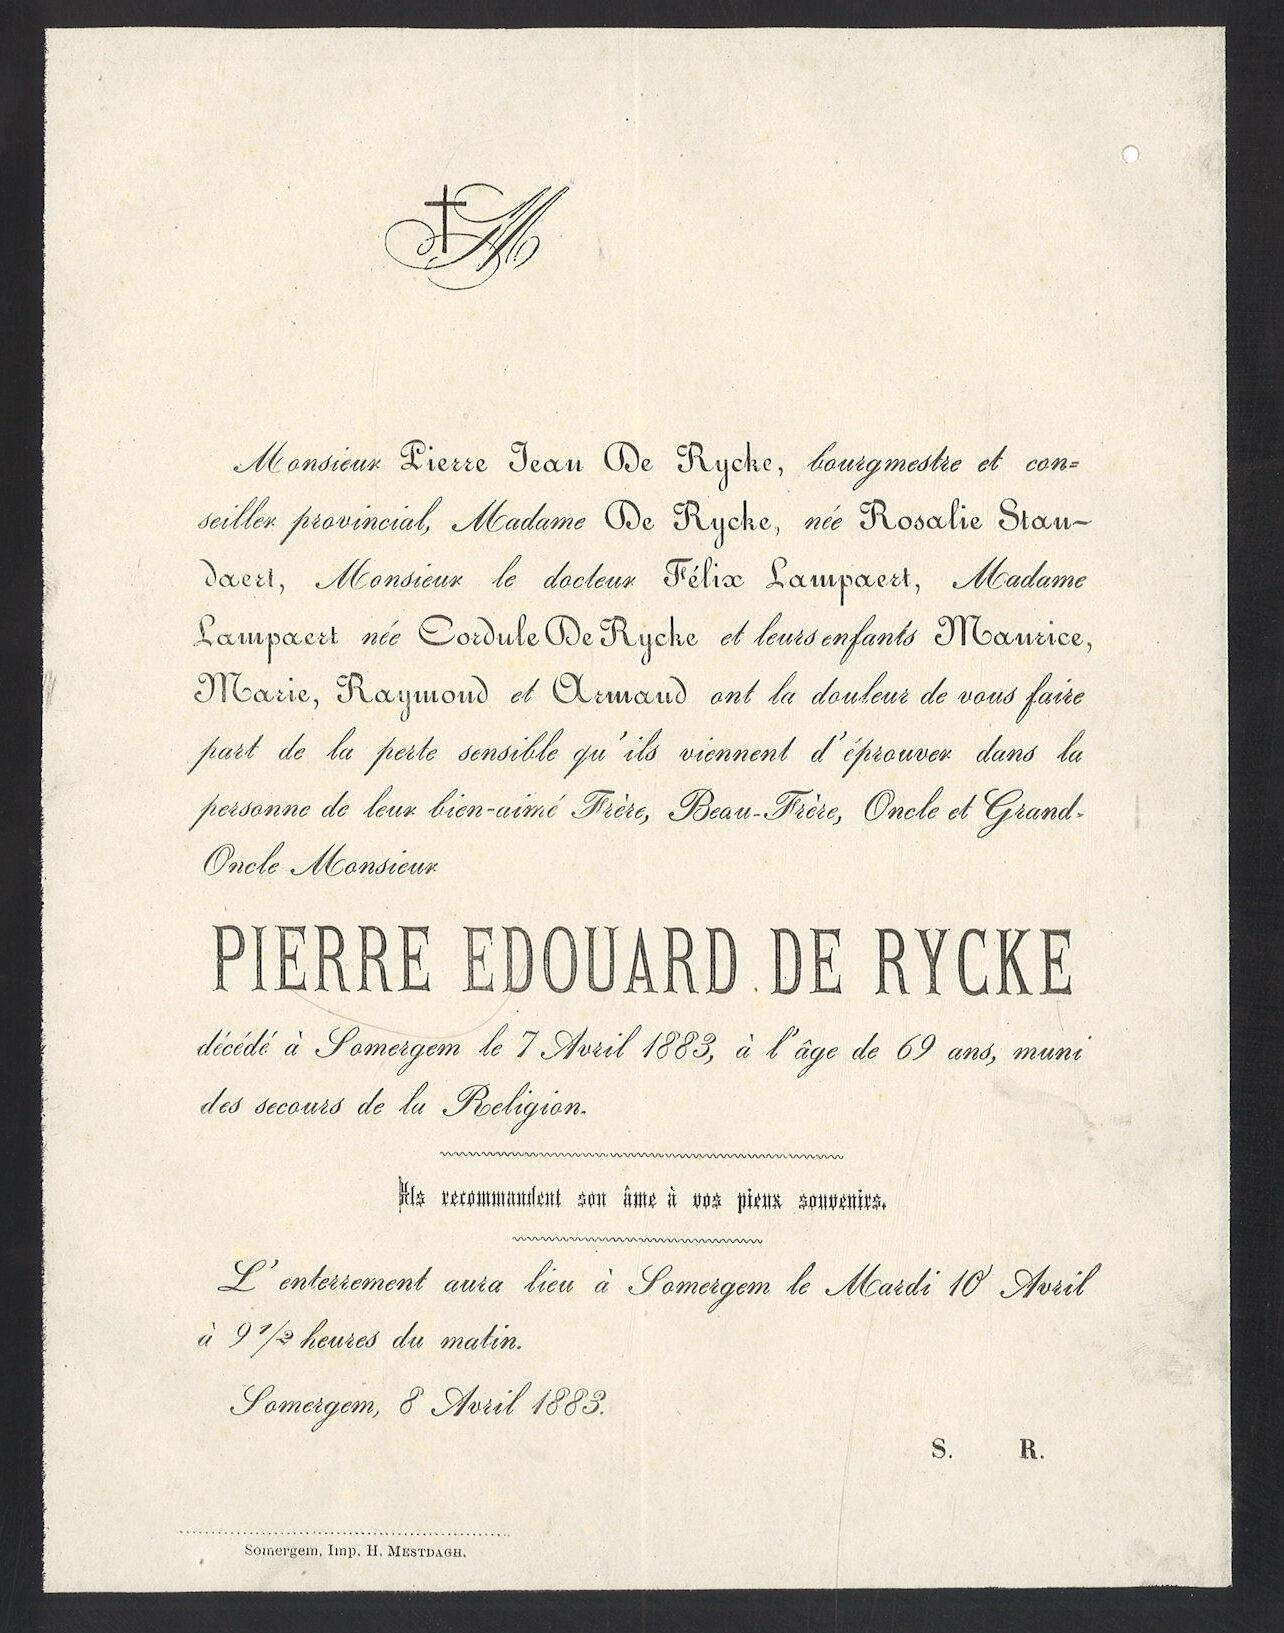 Pierre Edouard De Rycke